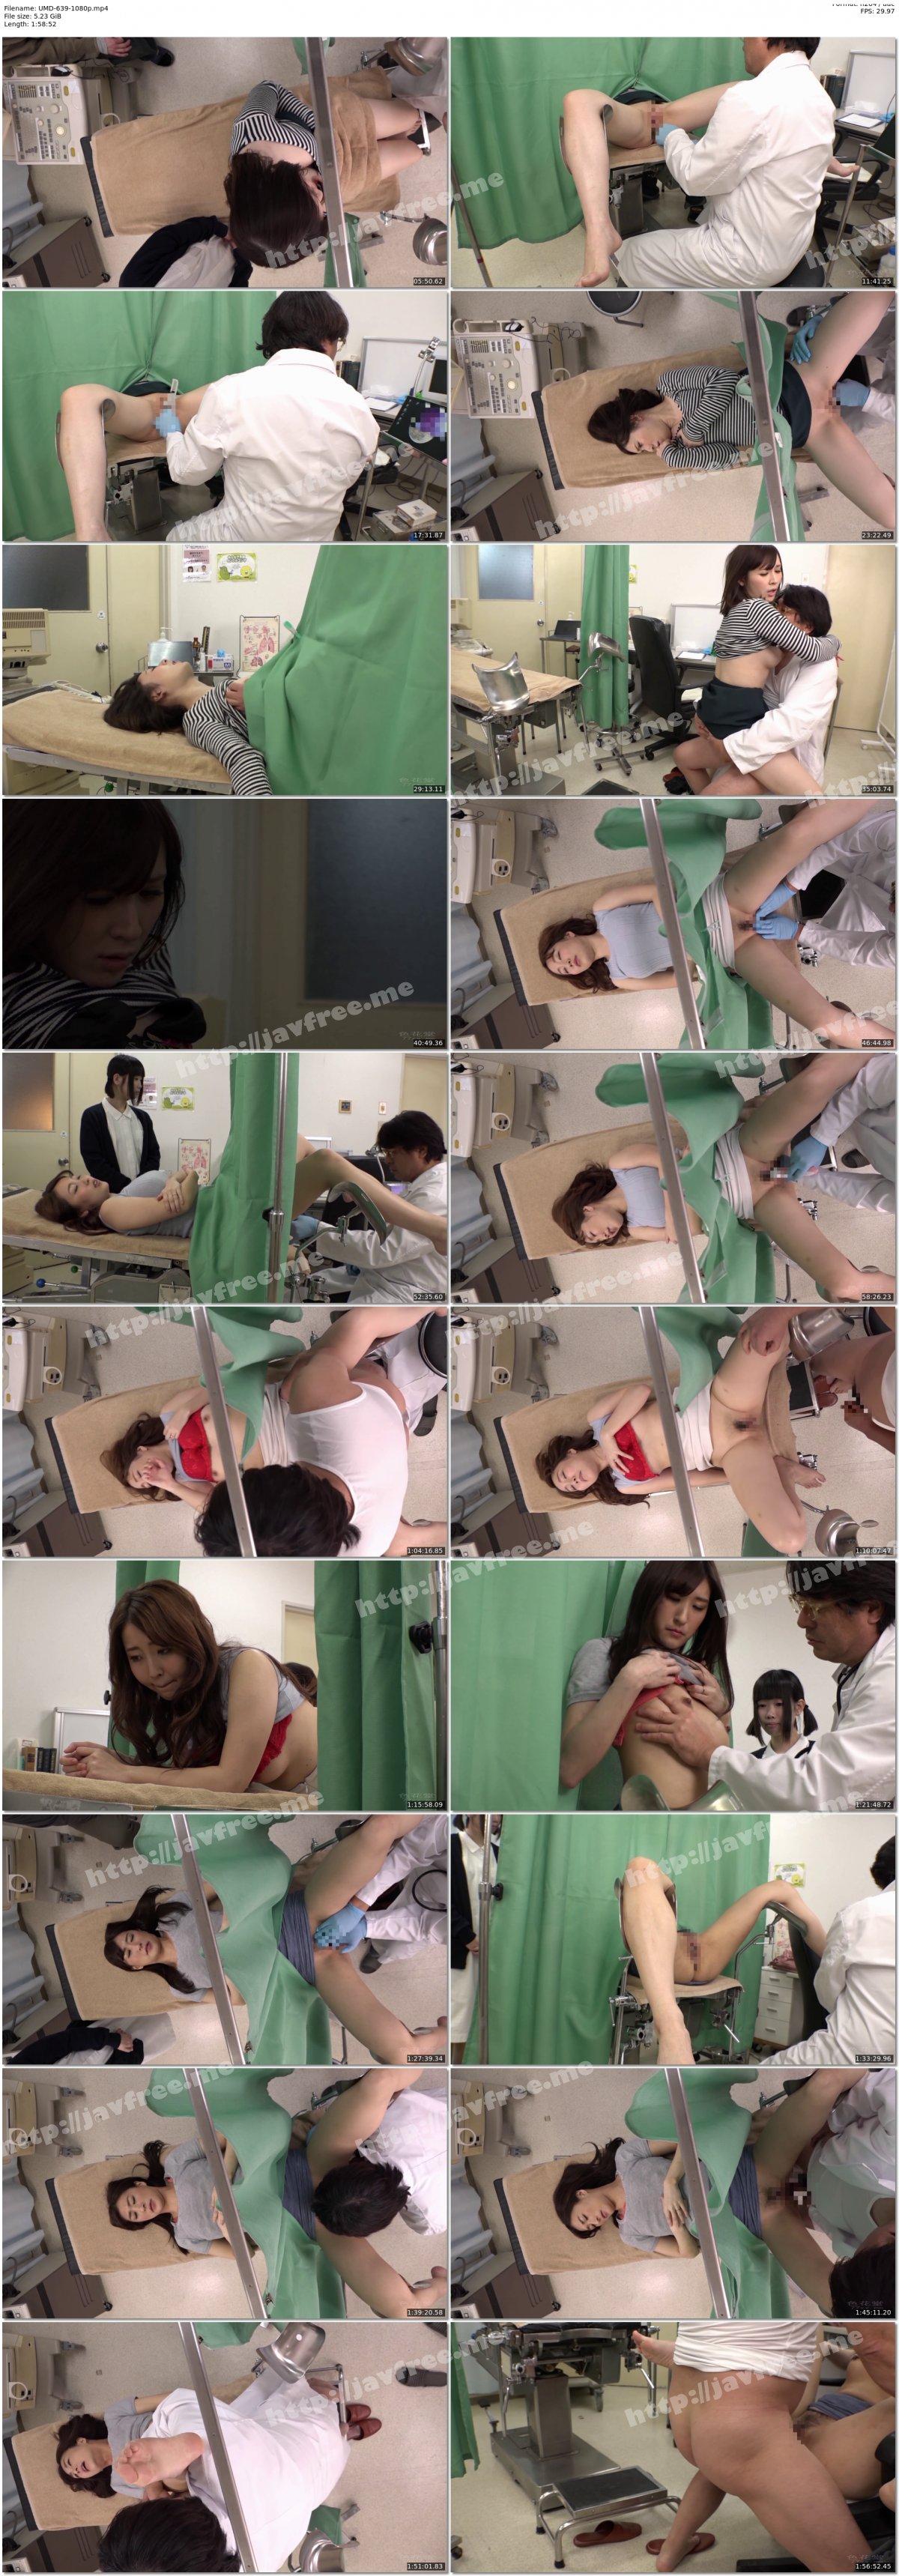 [HD][UMD-639] 産婦人科痴漢!!念願の第1子誕生っ!出産未経験の幼な妻にドスケベ産婦人科医のおじさんが、未経験と無知識なのをいいことに、カーテンで仕切られた反応のいい下半身を看護師にもバレないように治療と称して中出しまでっ!! 7 - image UMD-639-1080p on https://javfree.me